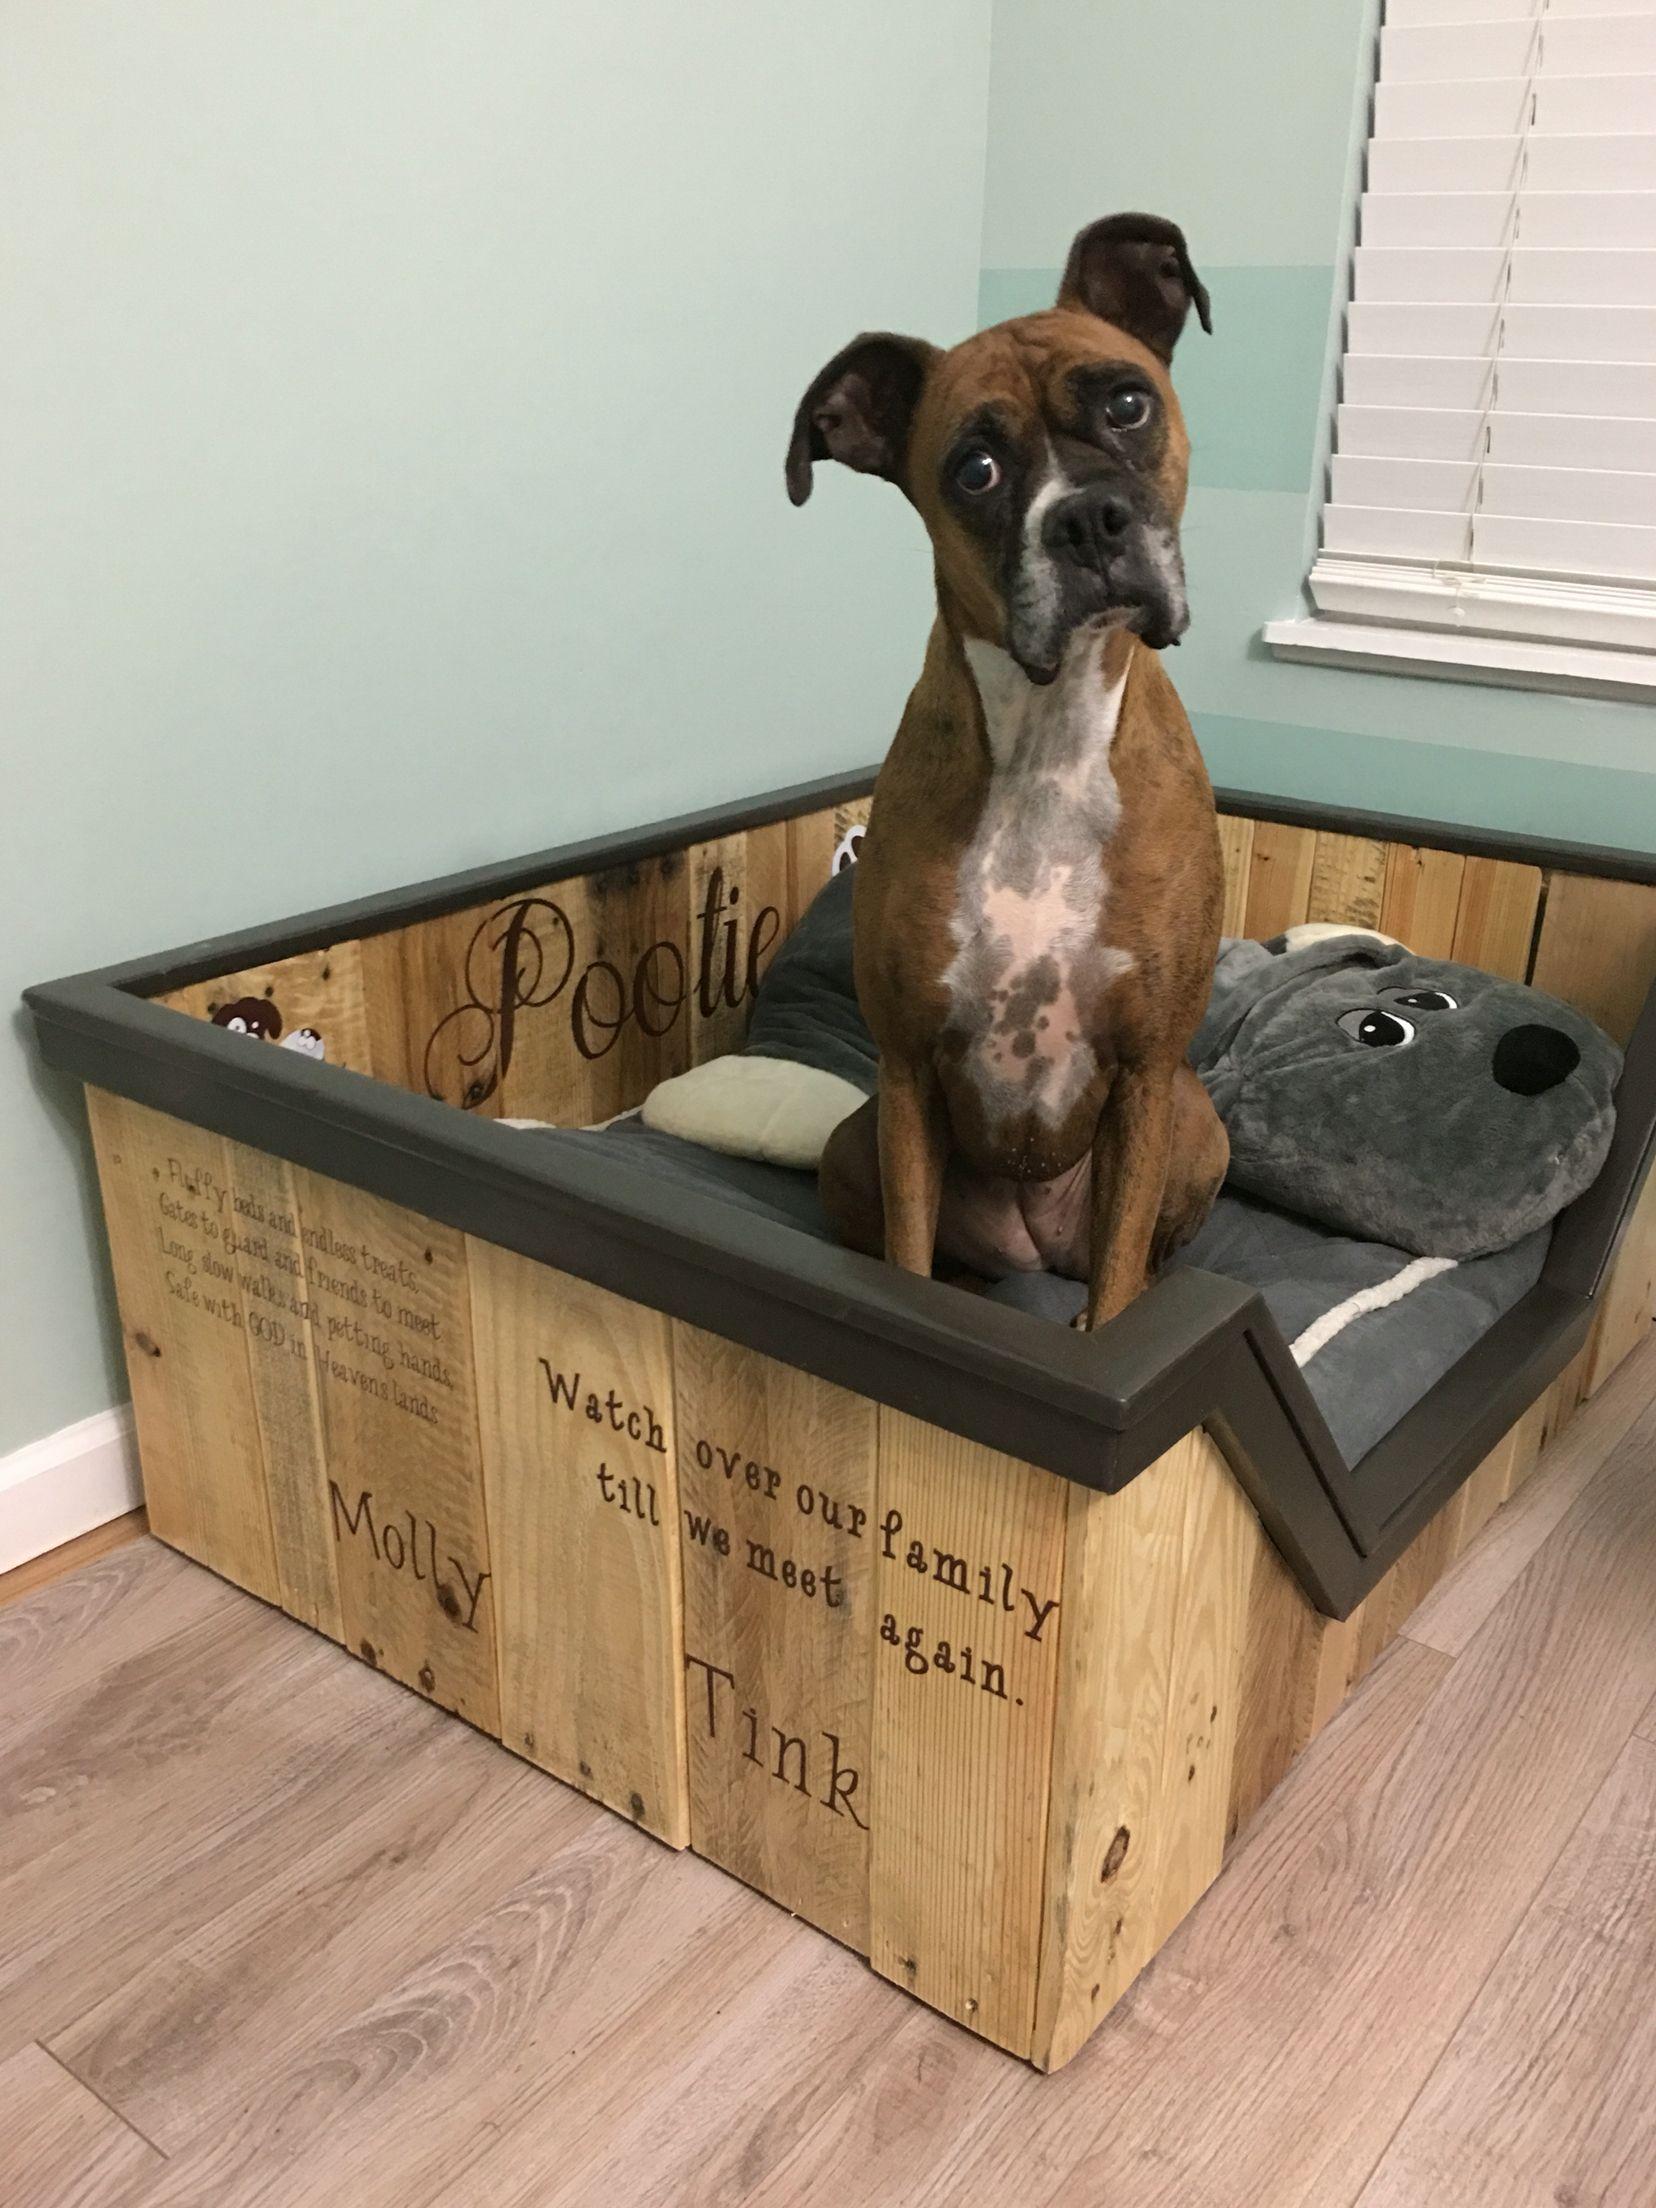 Lit Pour Chien Palette dog furniture | panier chien palette, lit pour chien en